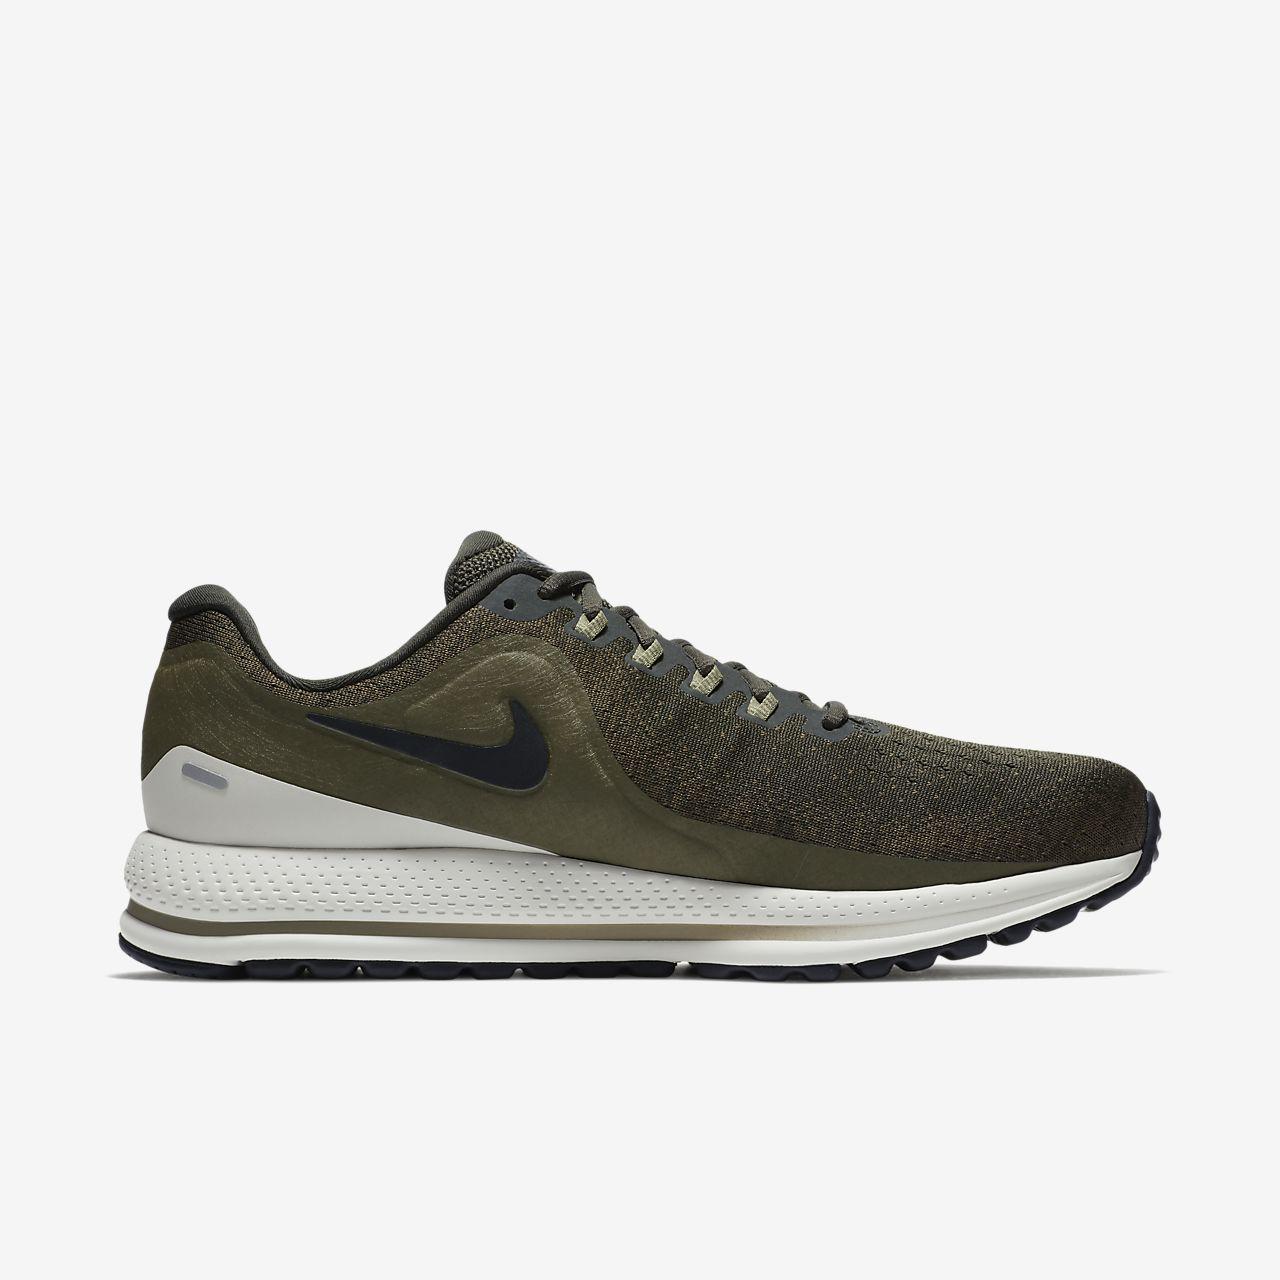 ... Nike Air Zoom Vomero 13 Men's Running Shoe